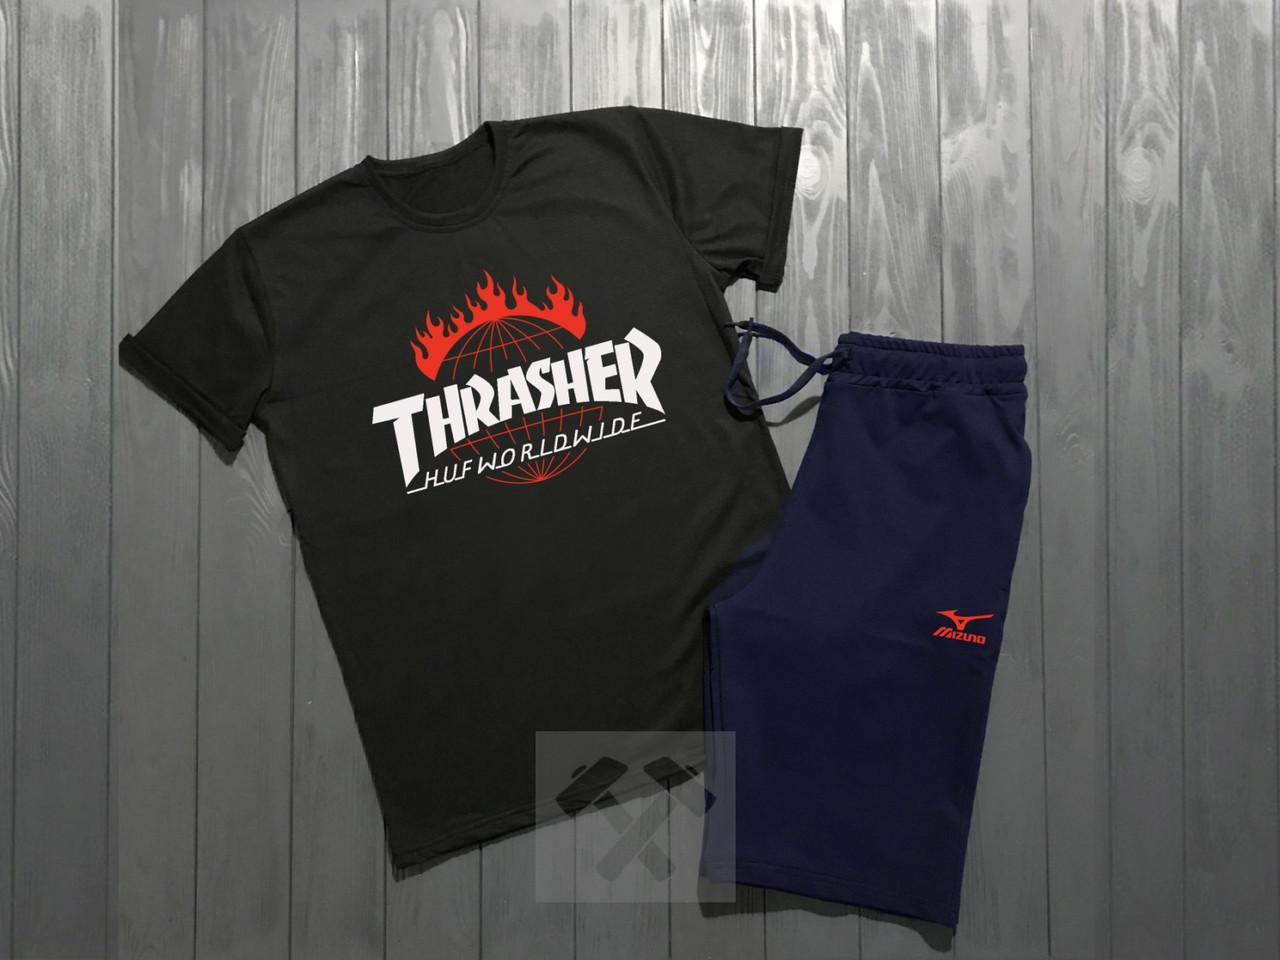 Мужской комплект футболка + шорты Thrasher черного и синего цвета